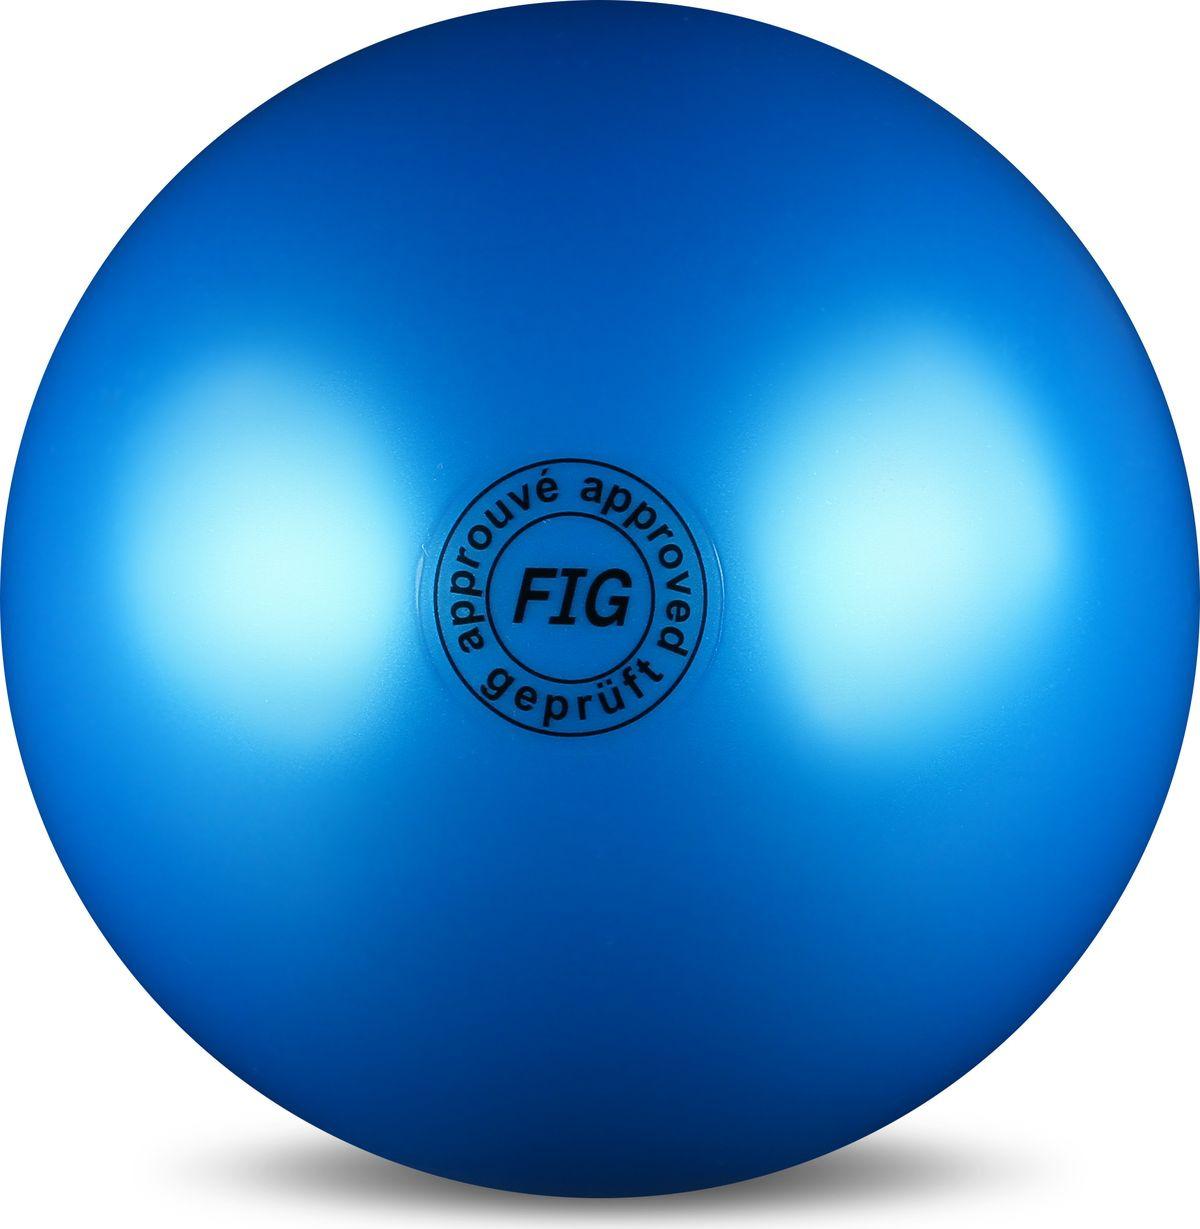 Мяч гимнастический Indigo, цвет: синий, диаметр 19 см цена